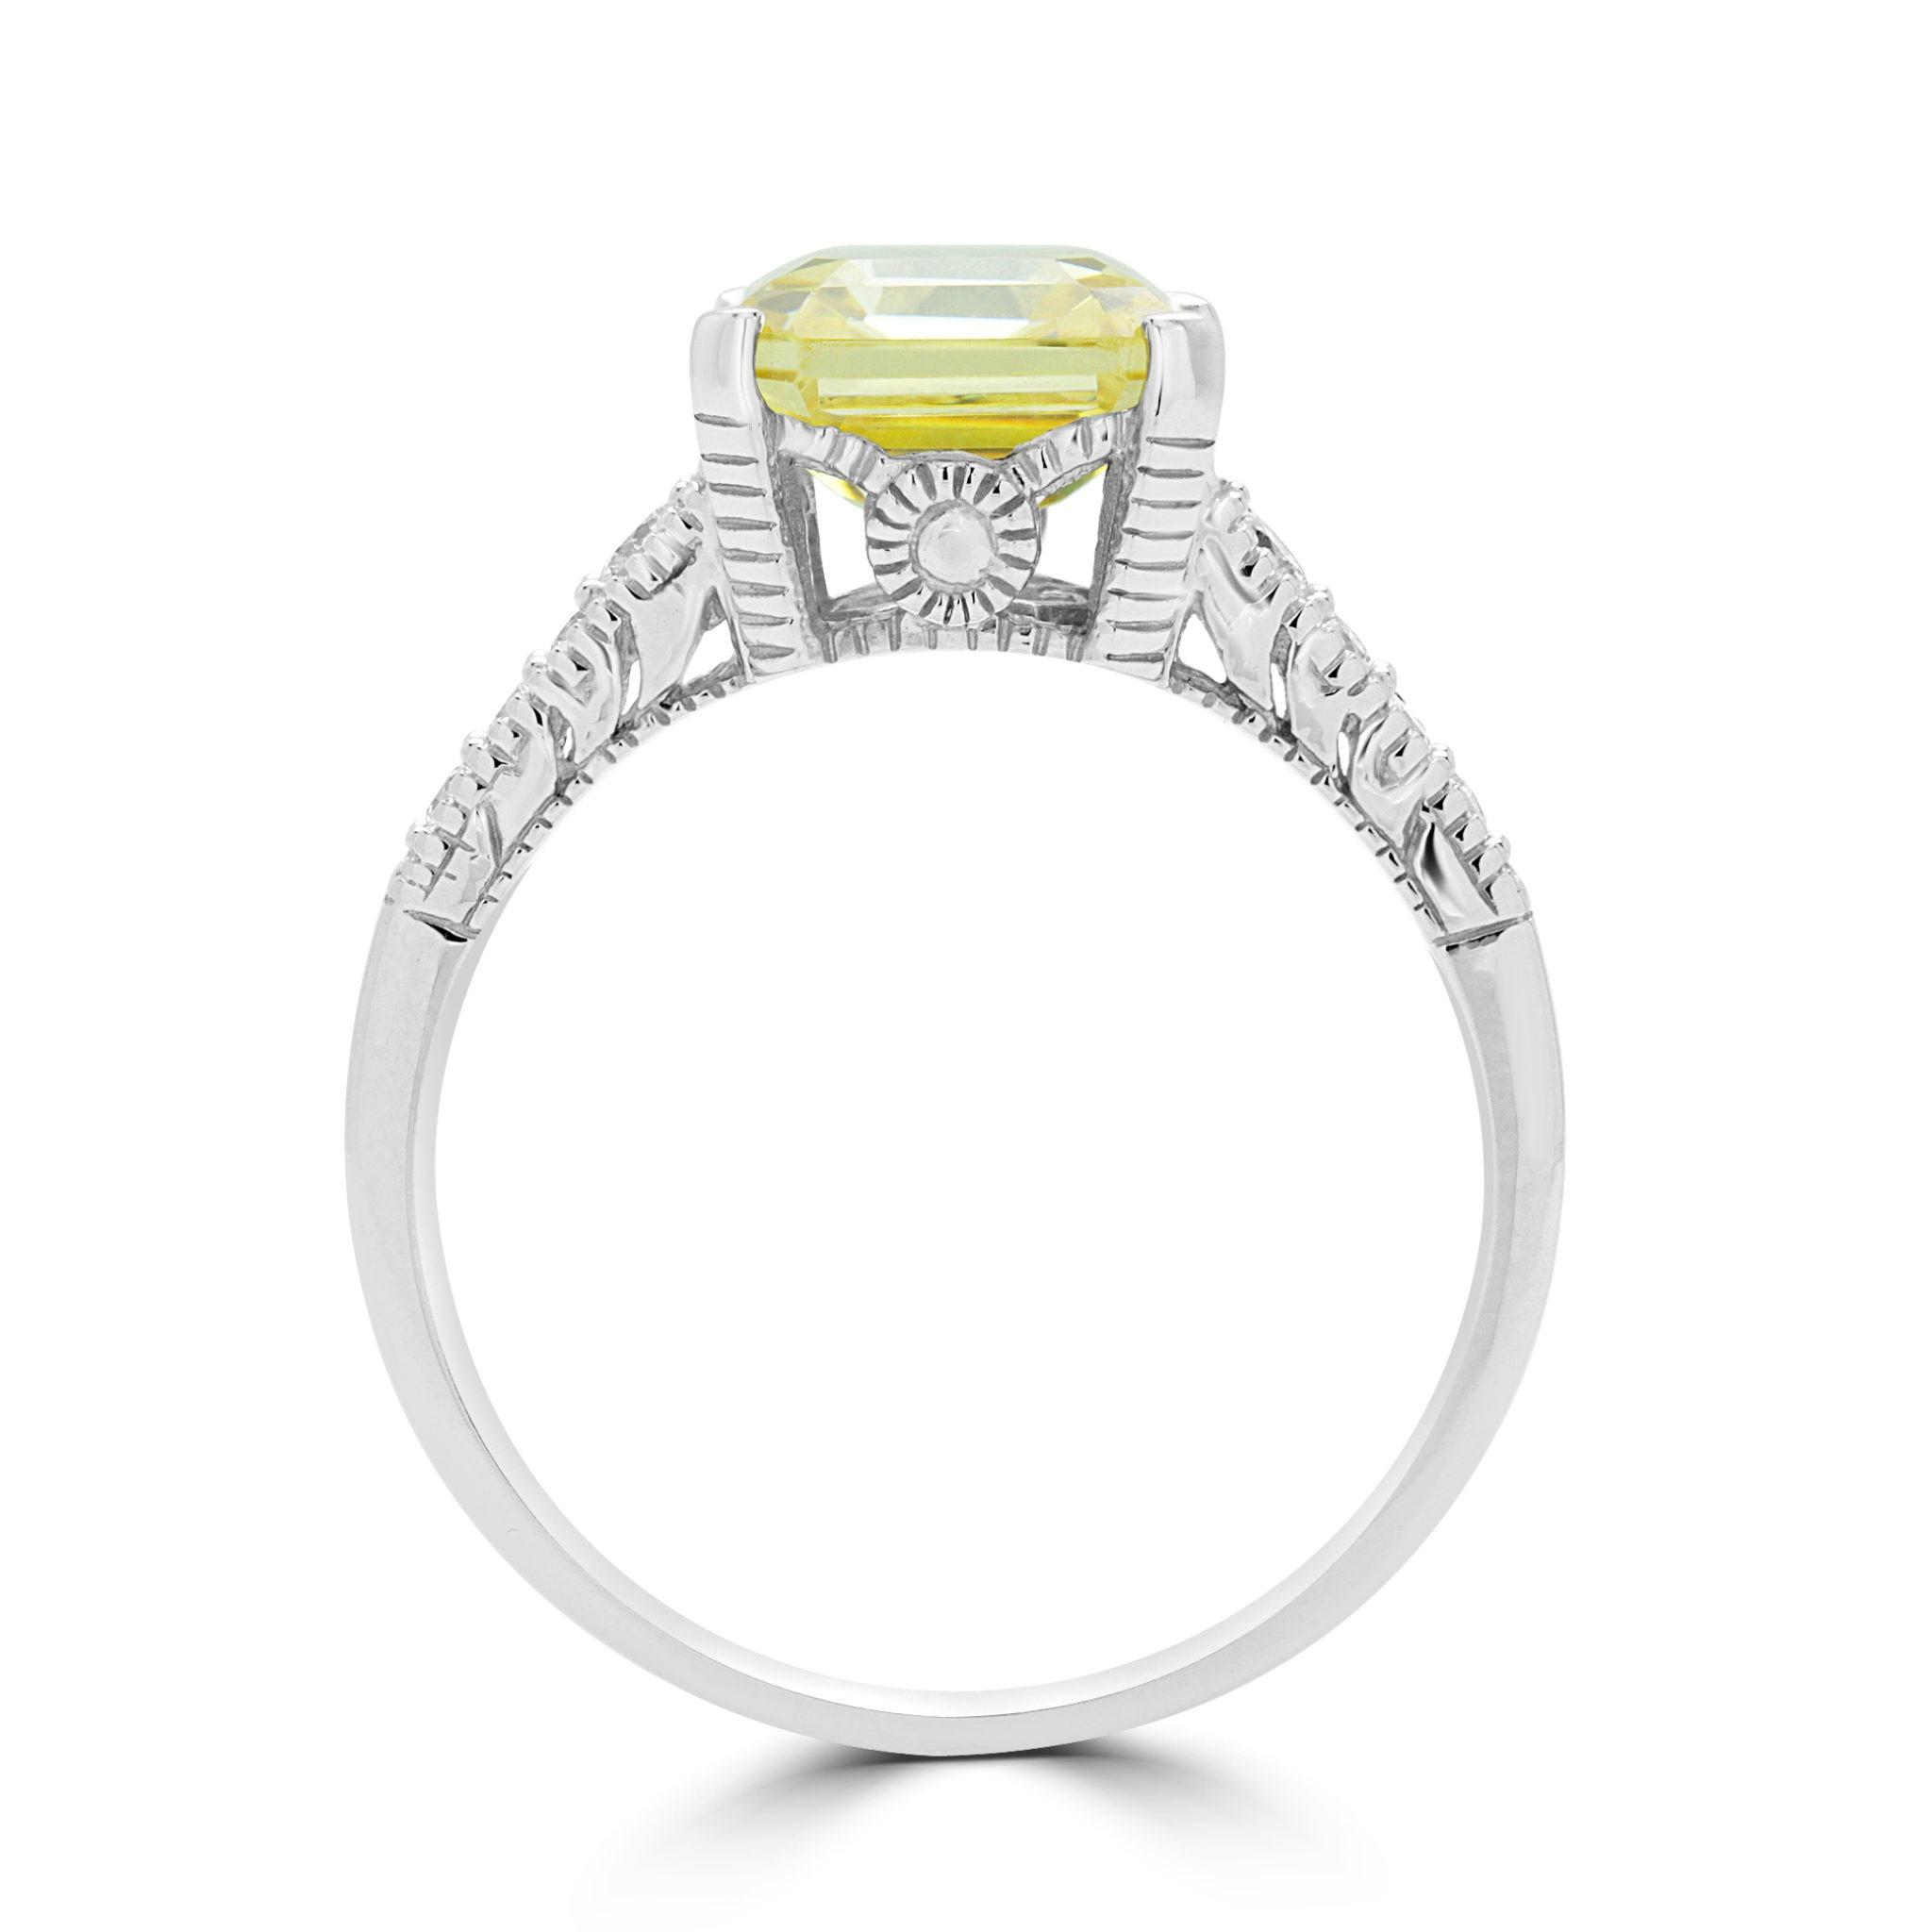 chaussures exclusives vente limitée original Bague CZ & diamant jaune canari en or blanc 14k